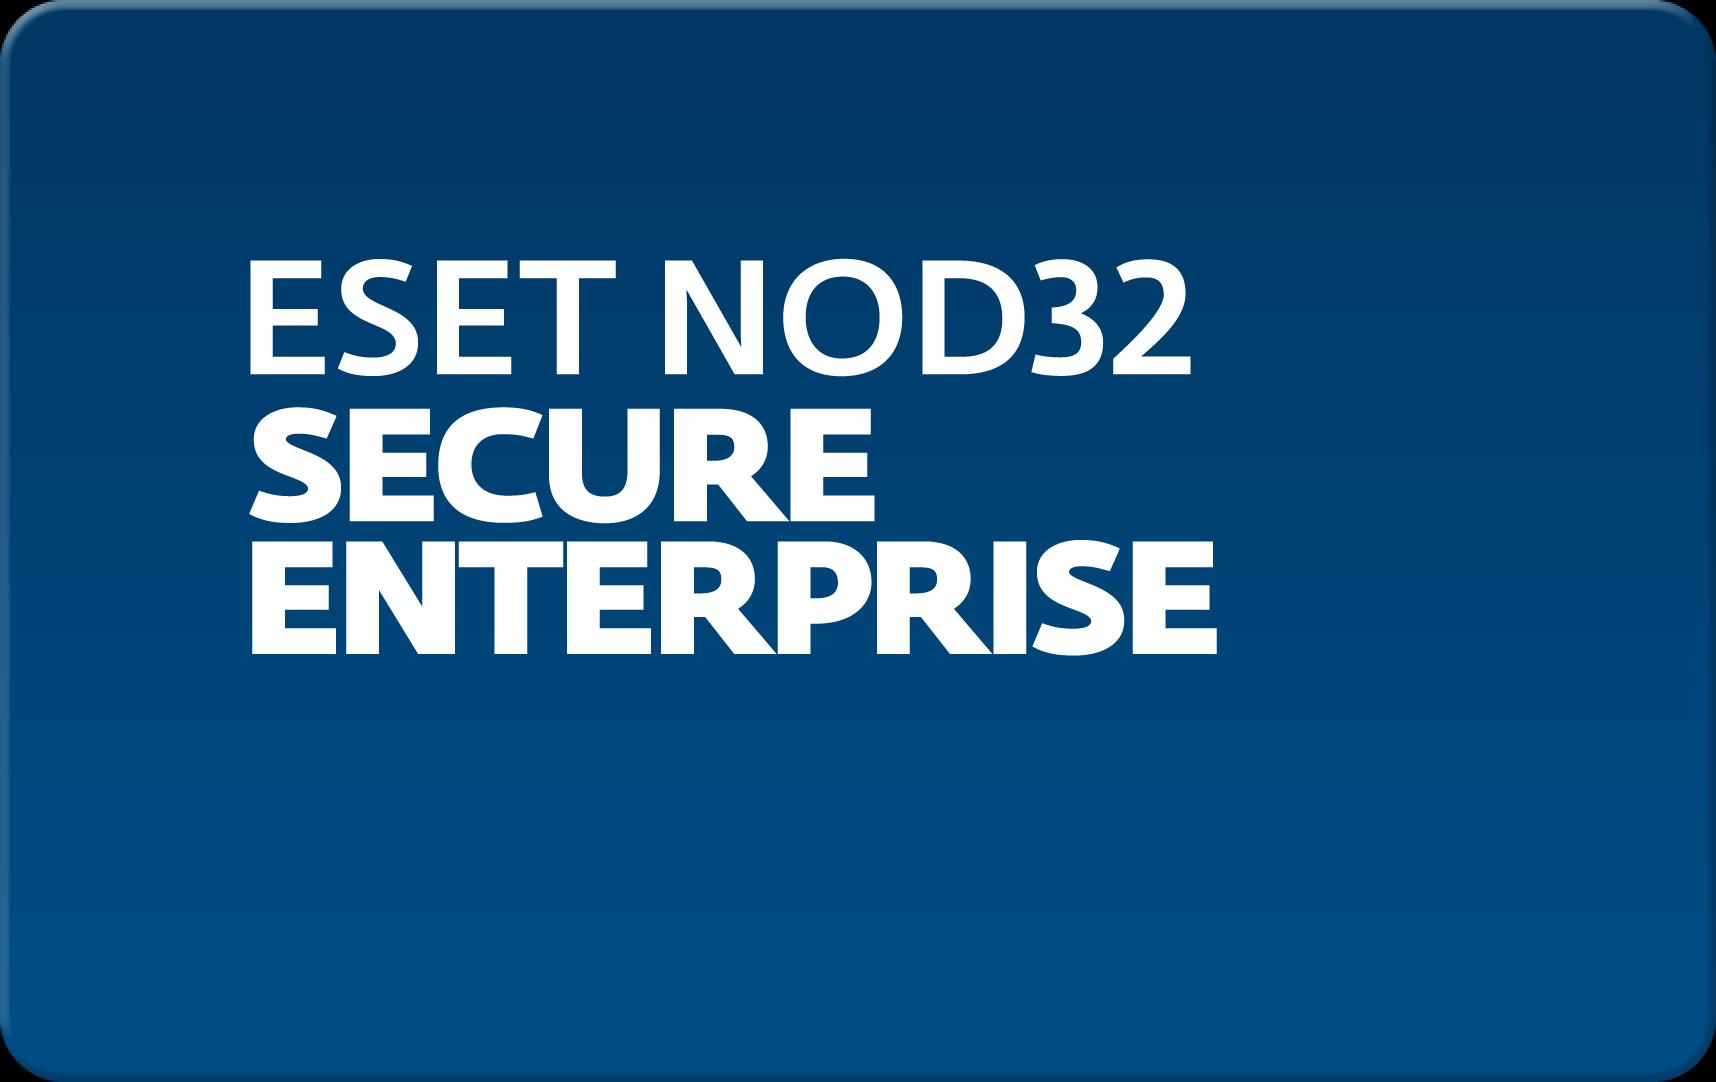 Кроссплатформенная антивирусная защита всех узлов корпоративной сети Eset NOD32 Secure Enterprise  для 180 пользователей